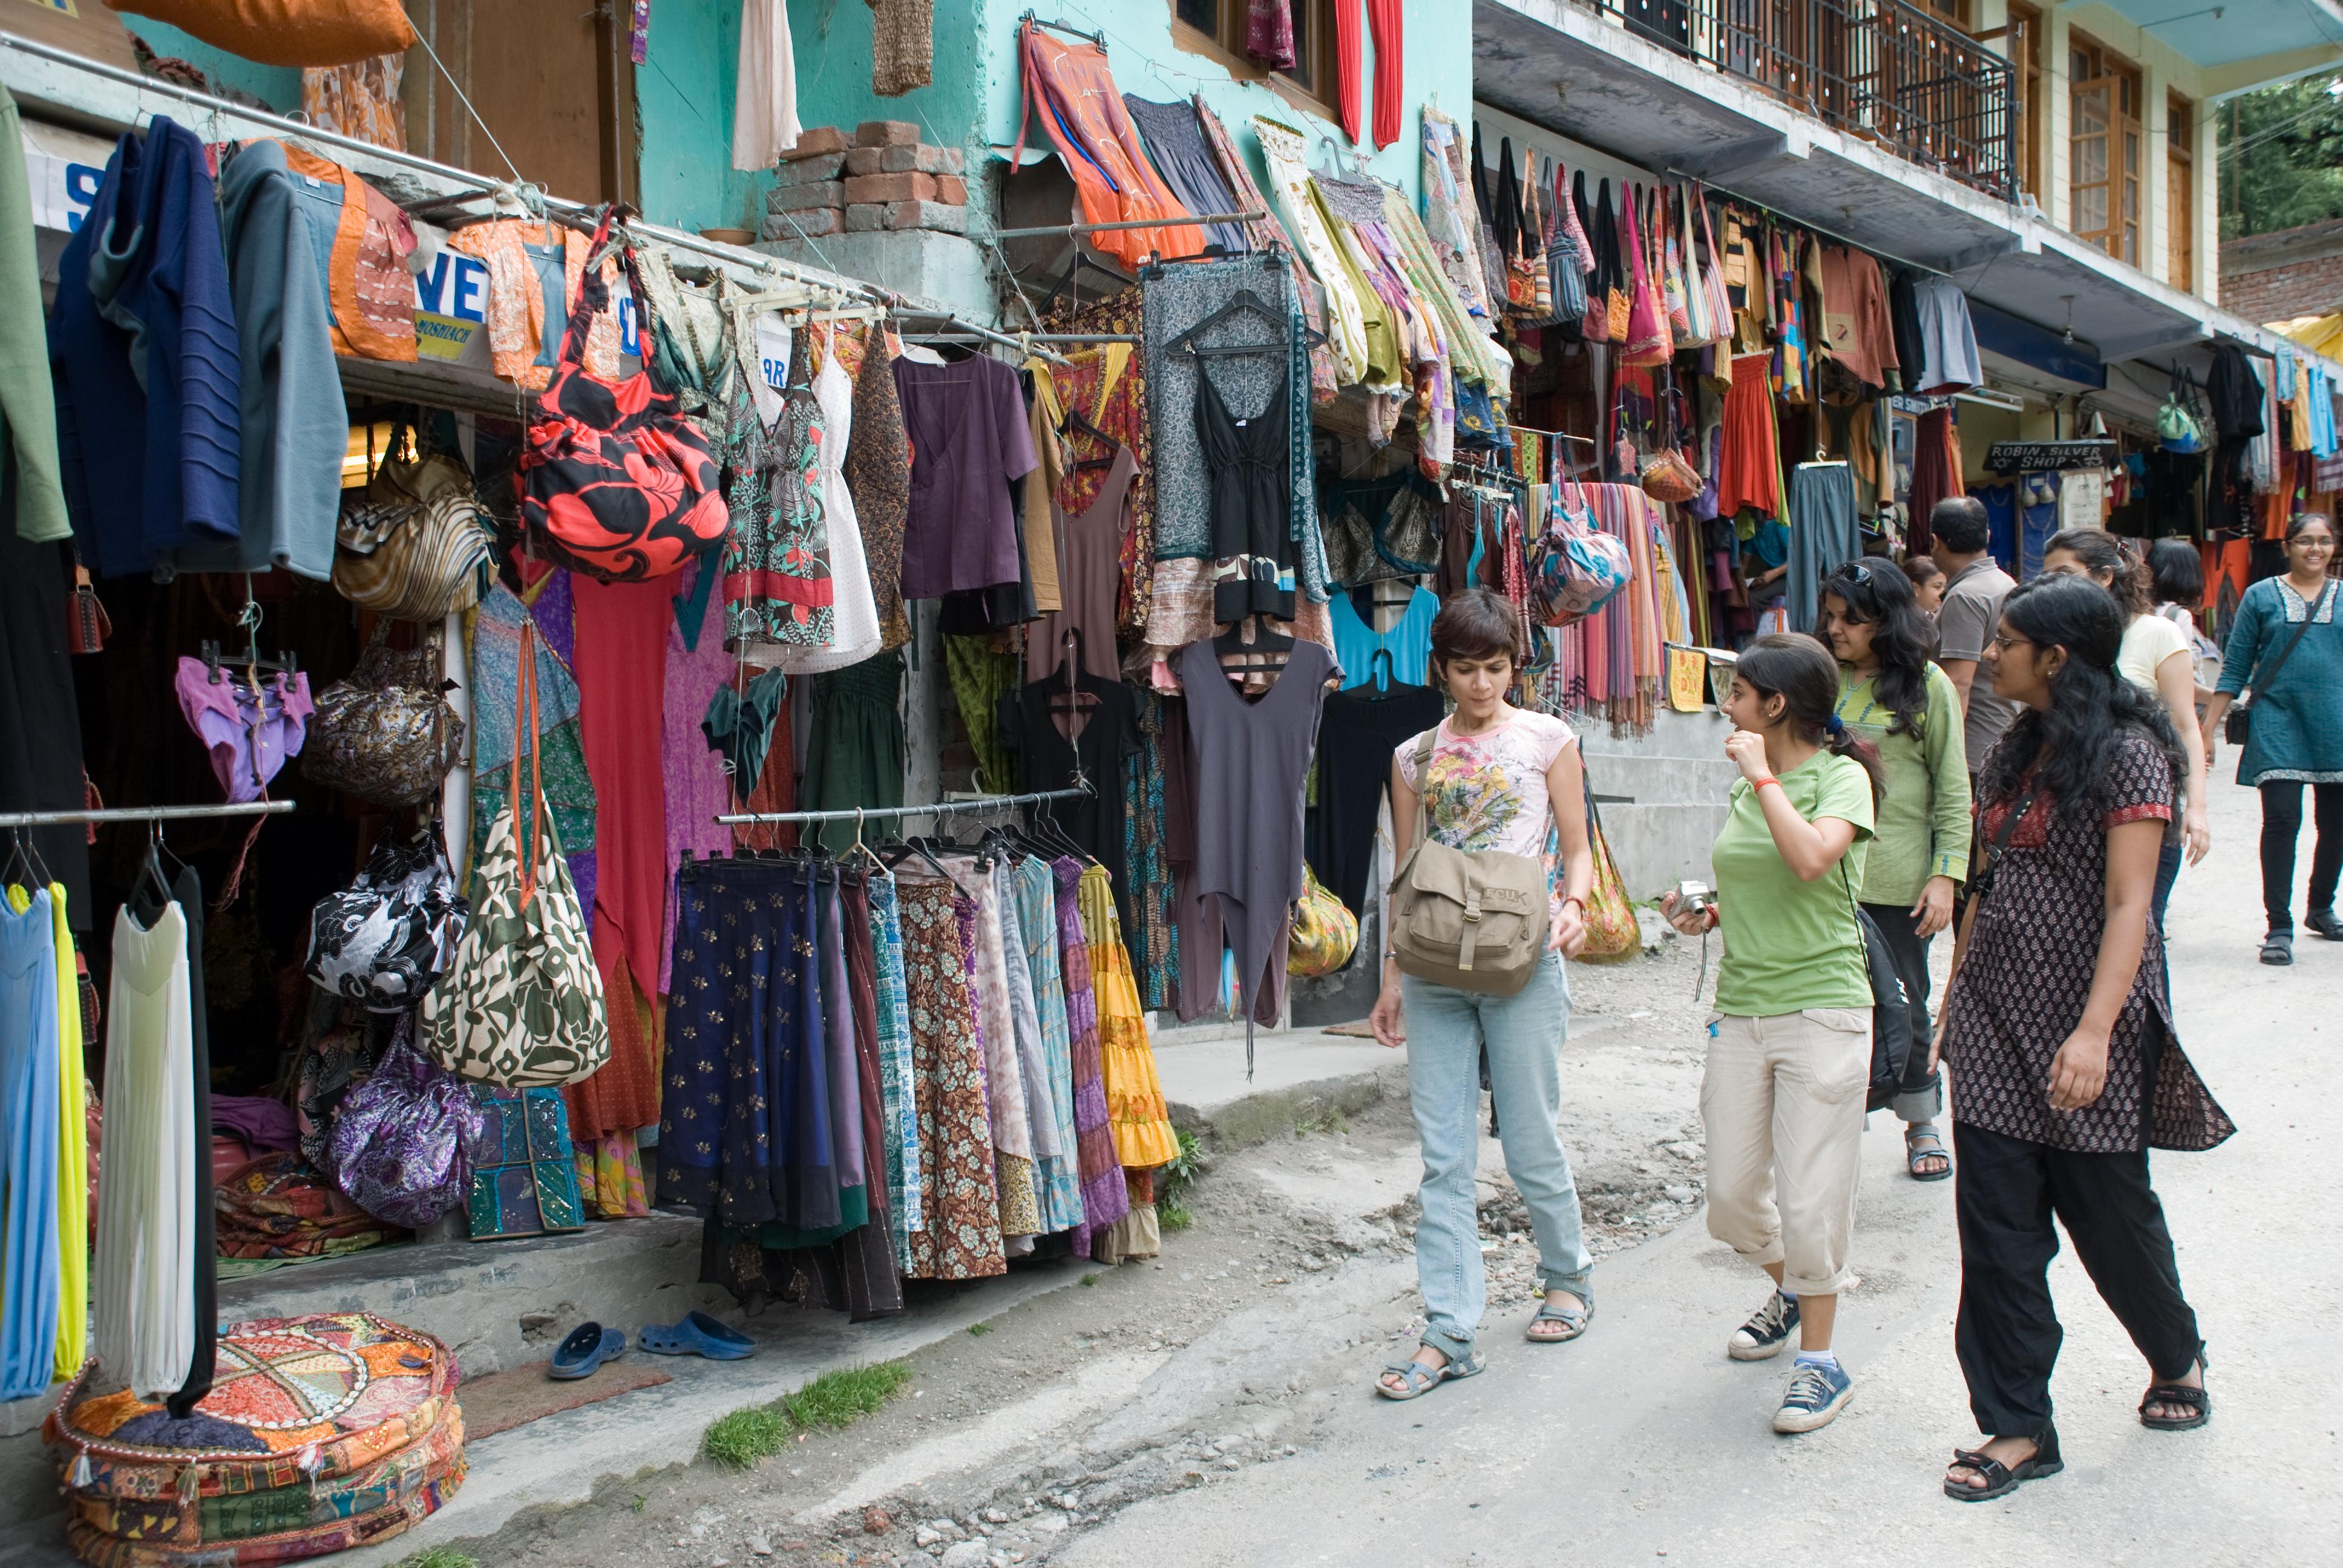 Shopping at Old Manali